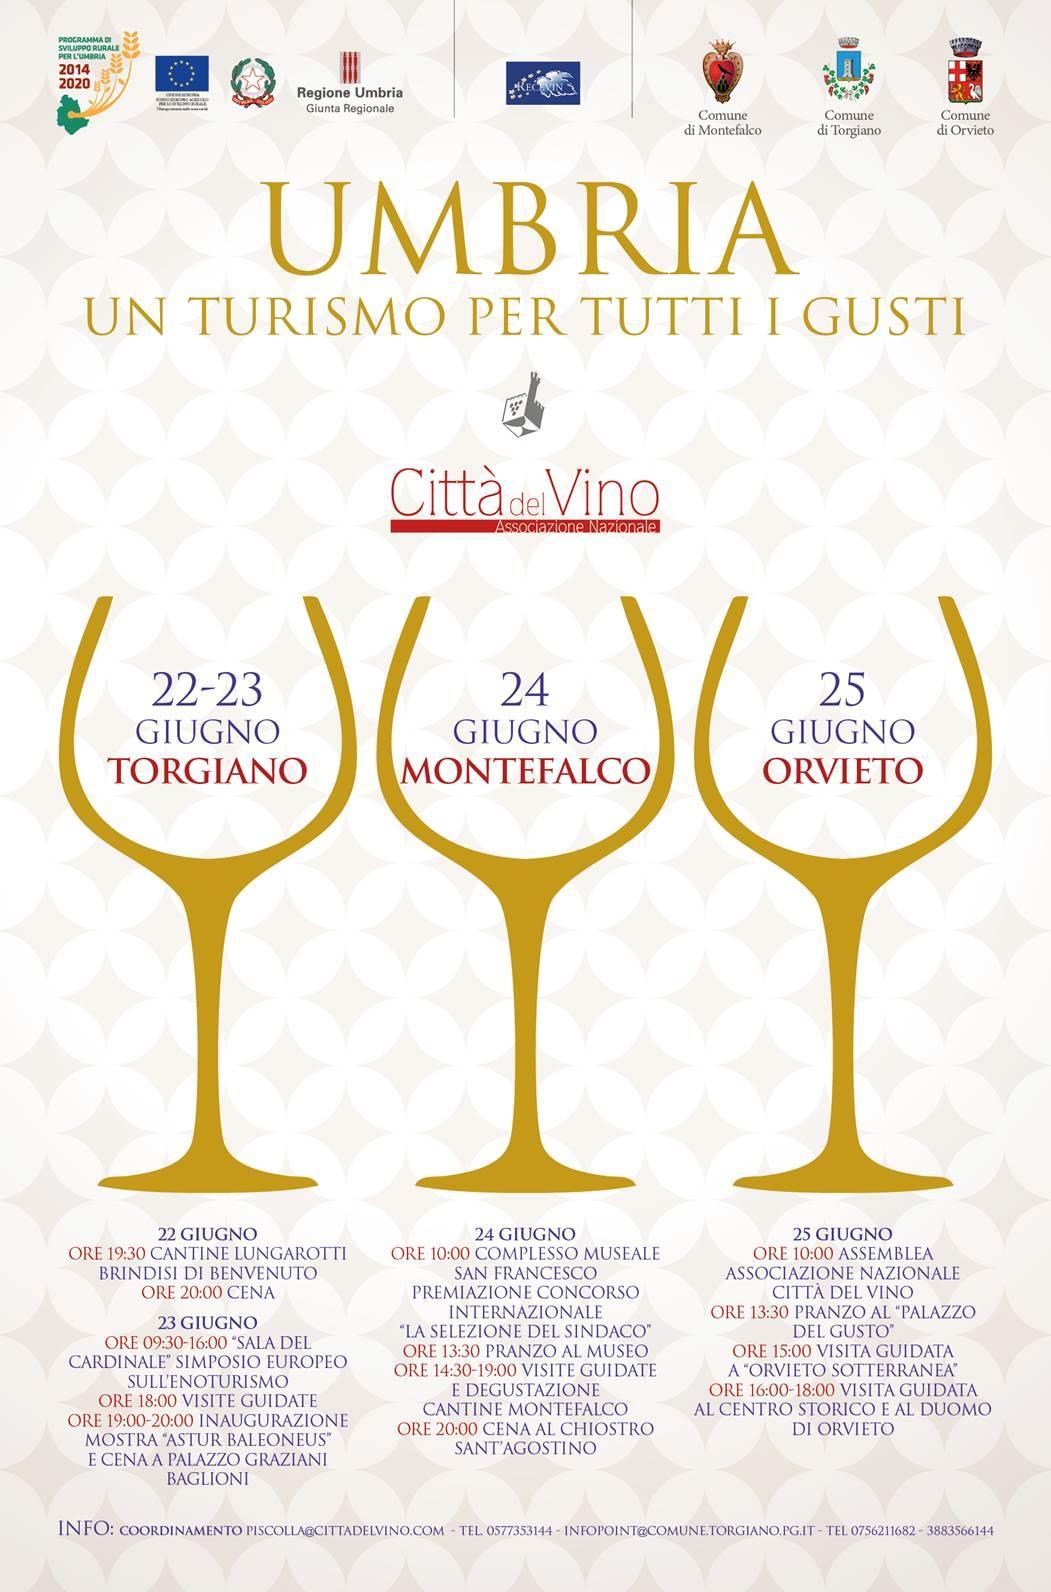 22-25 giugno. In Umbria la Convention delle Città del Vino